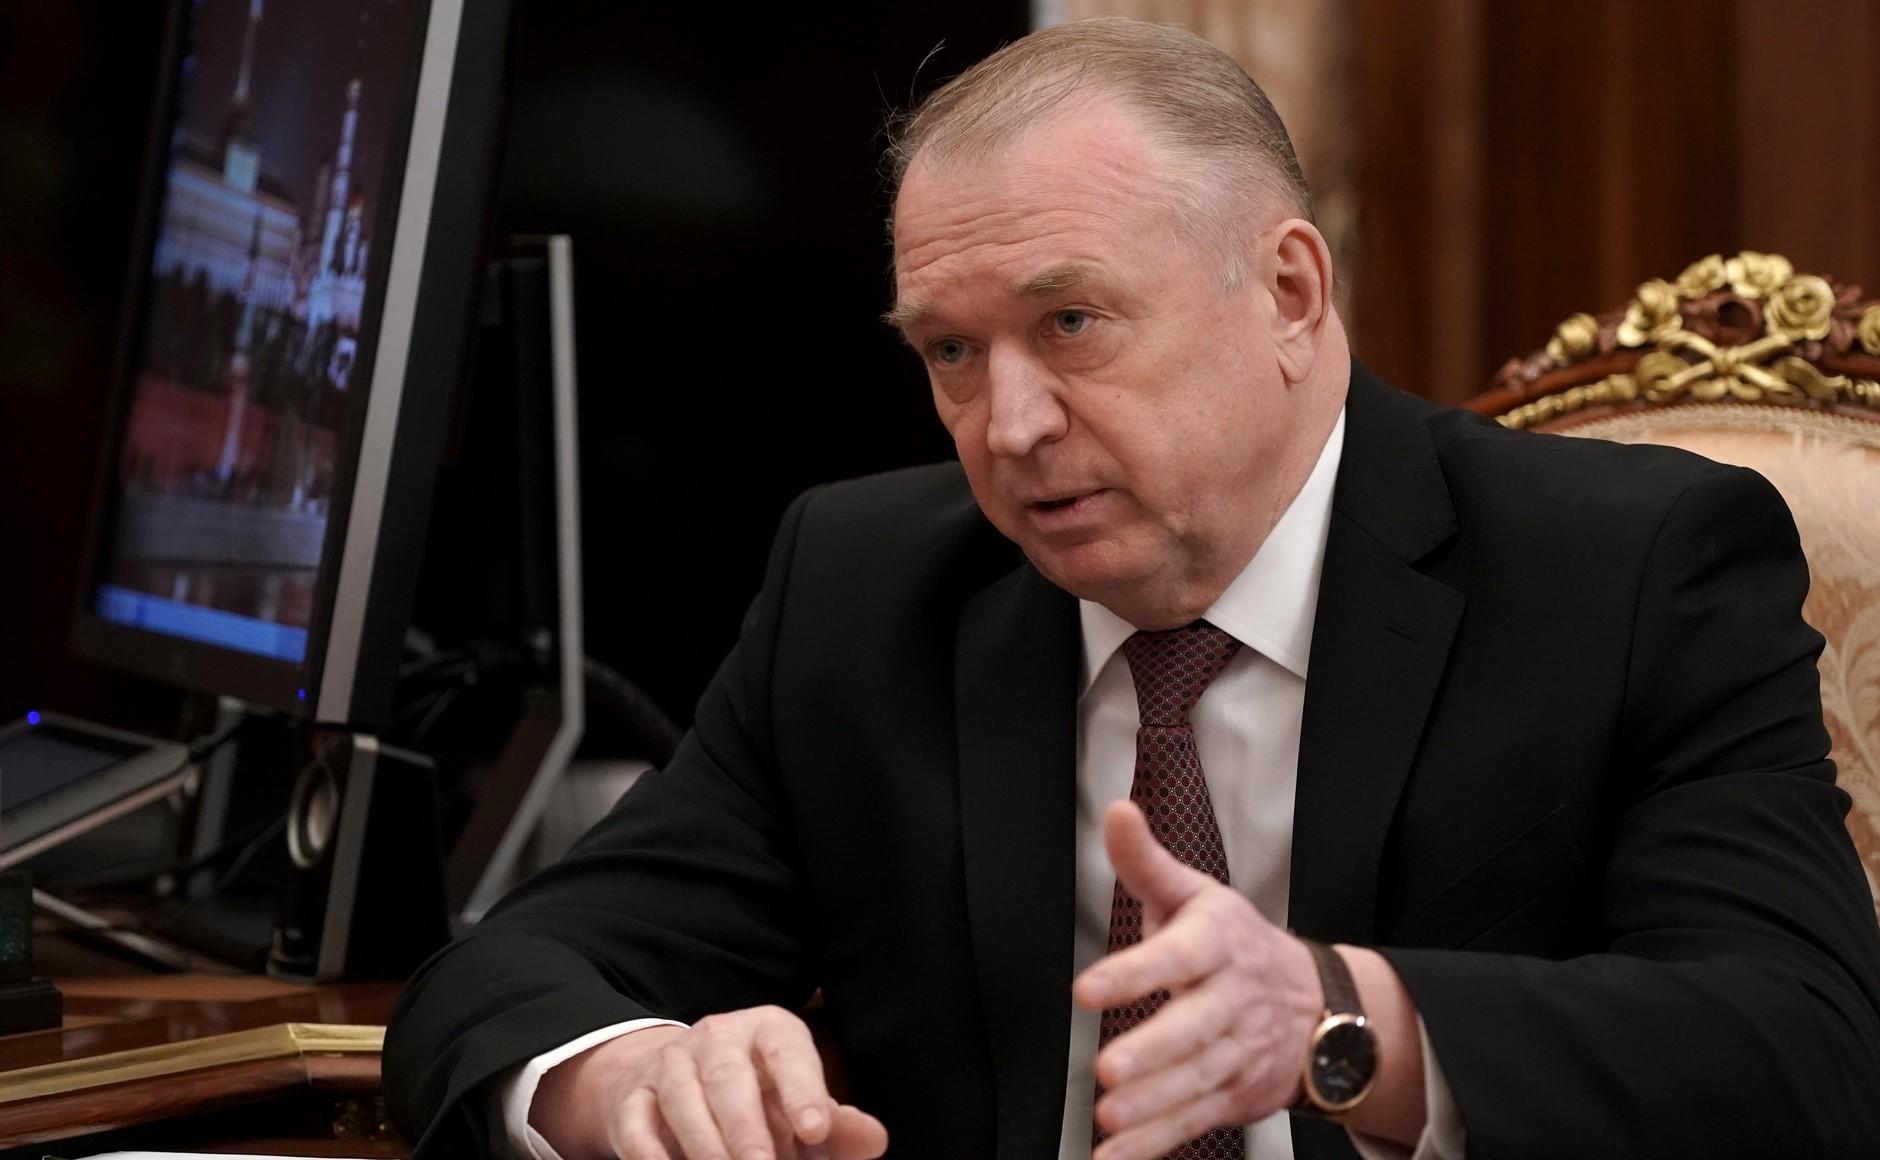 RU COMMERCE 2 KK 2 Rencontre avec le chef de la Chambre de commerce et d'industrie Sergei Katyrin 25 février 2021